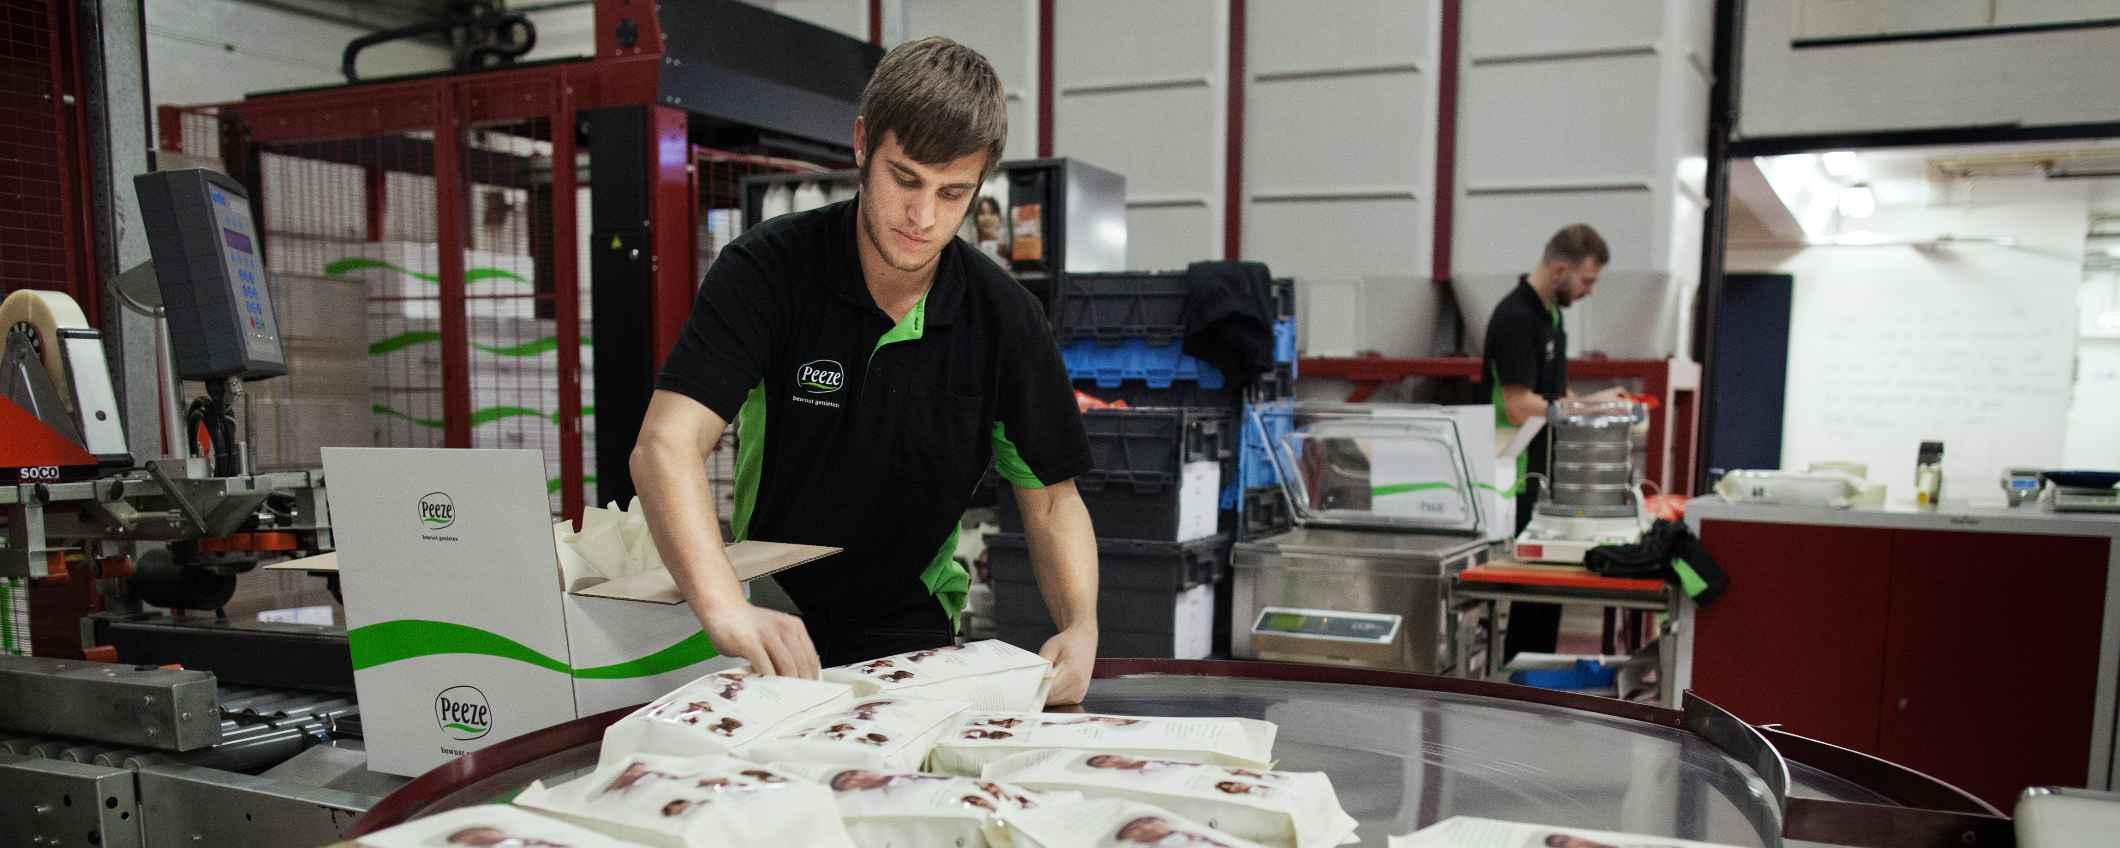 Medewerker koffiemaker Peeze verpakt composteerbare koffieverpakking